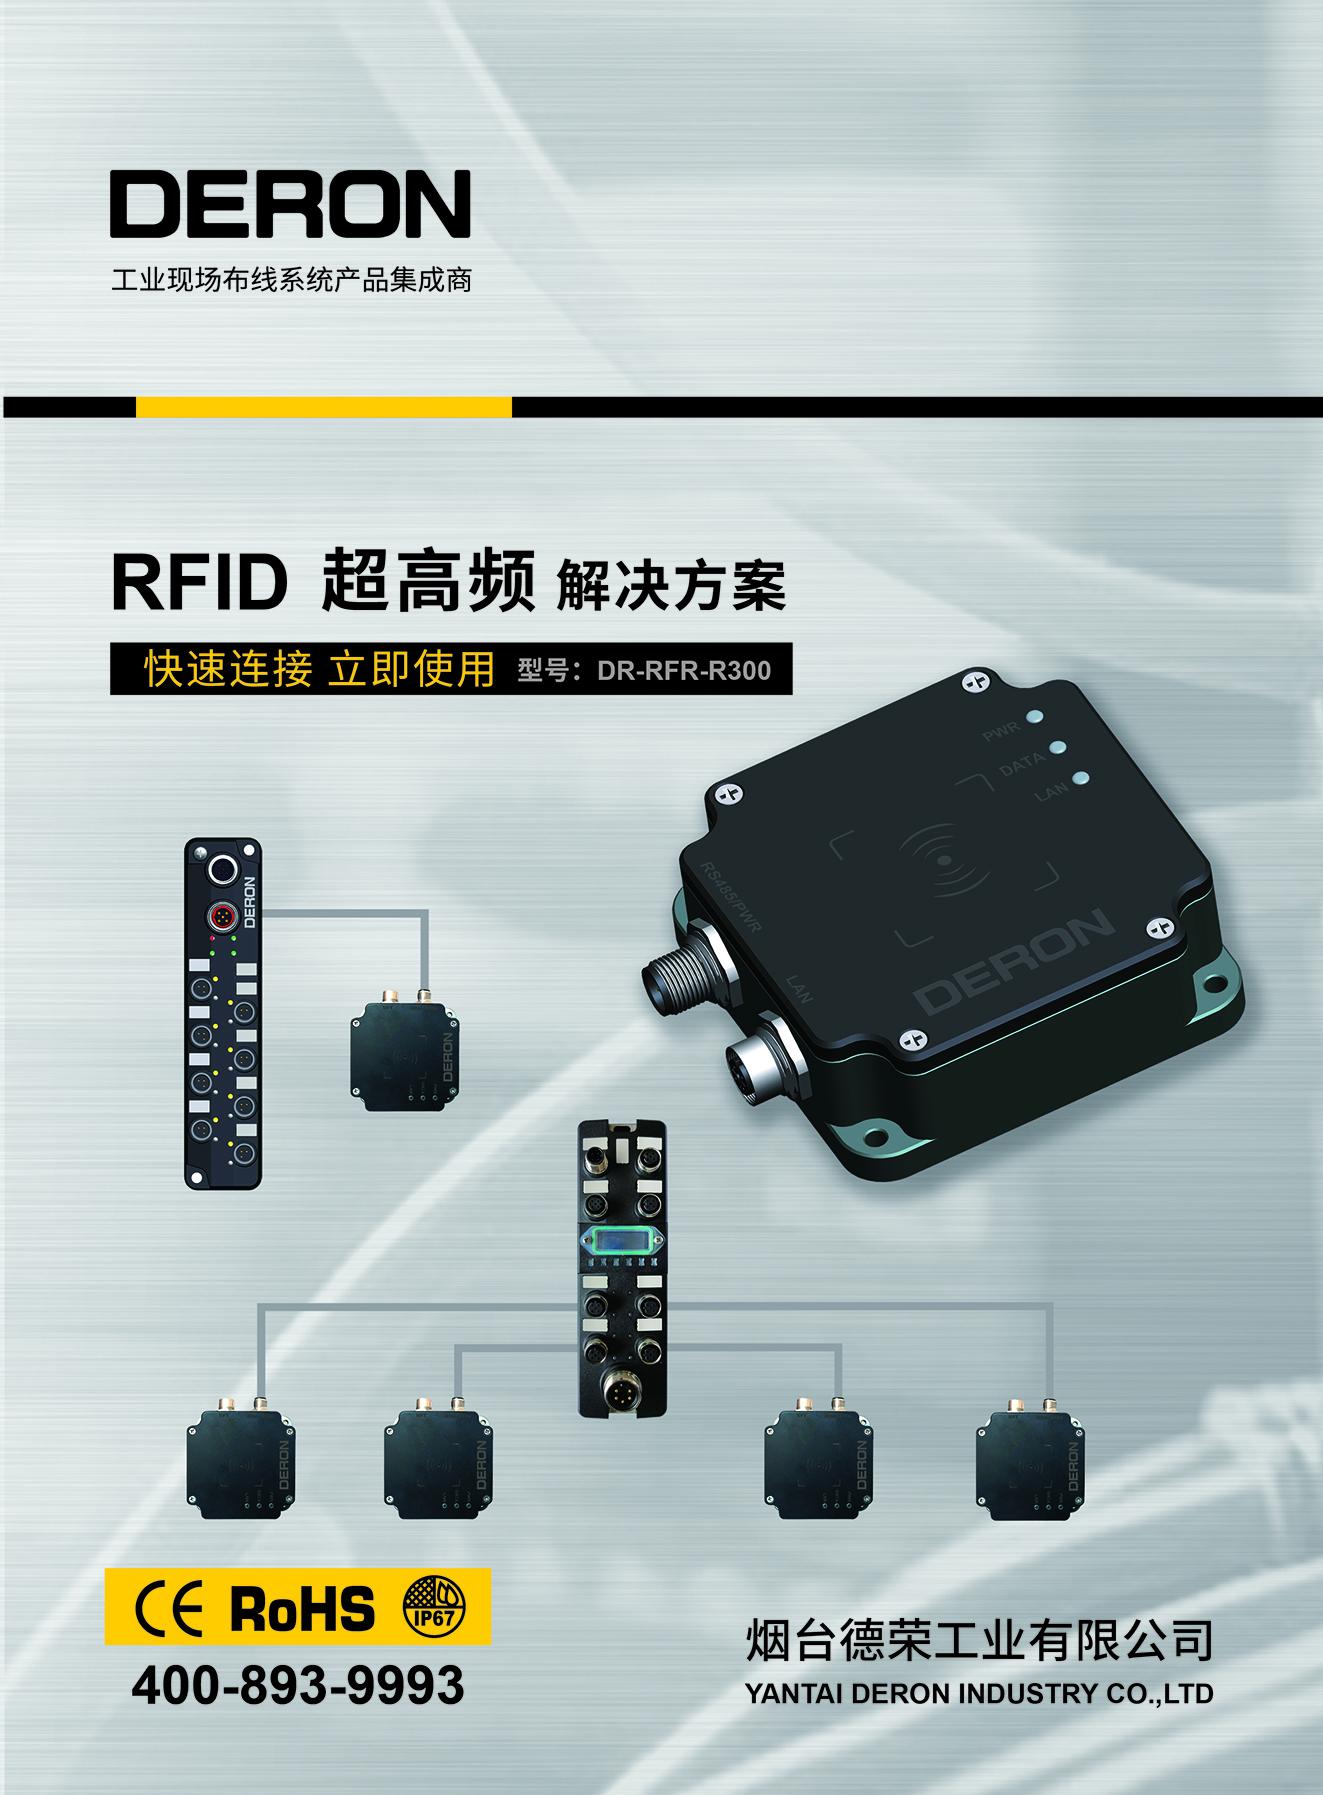 RFID超高频解决方案